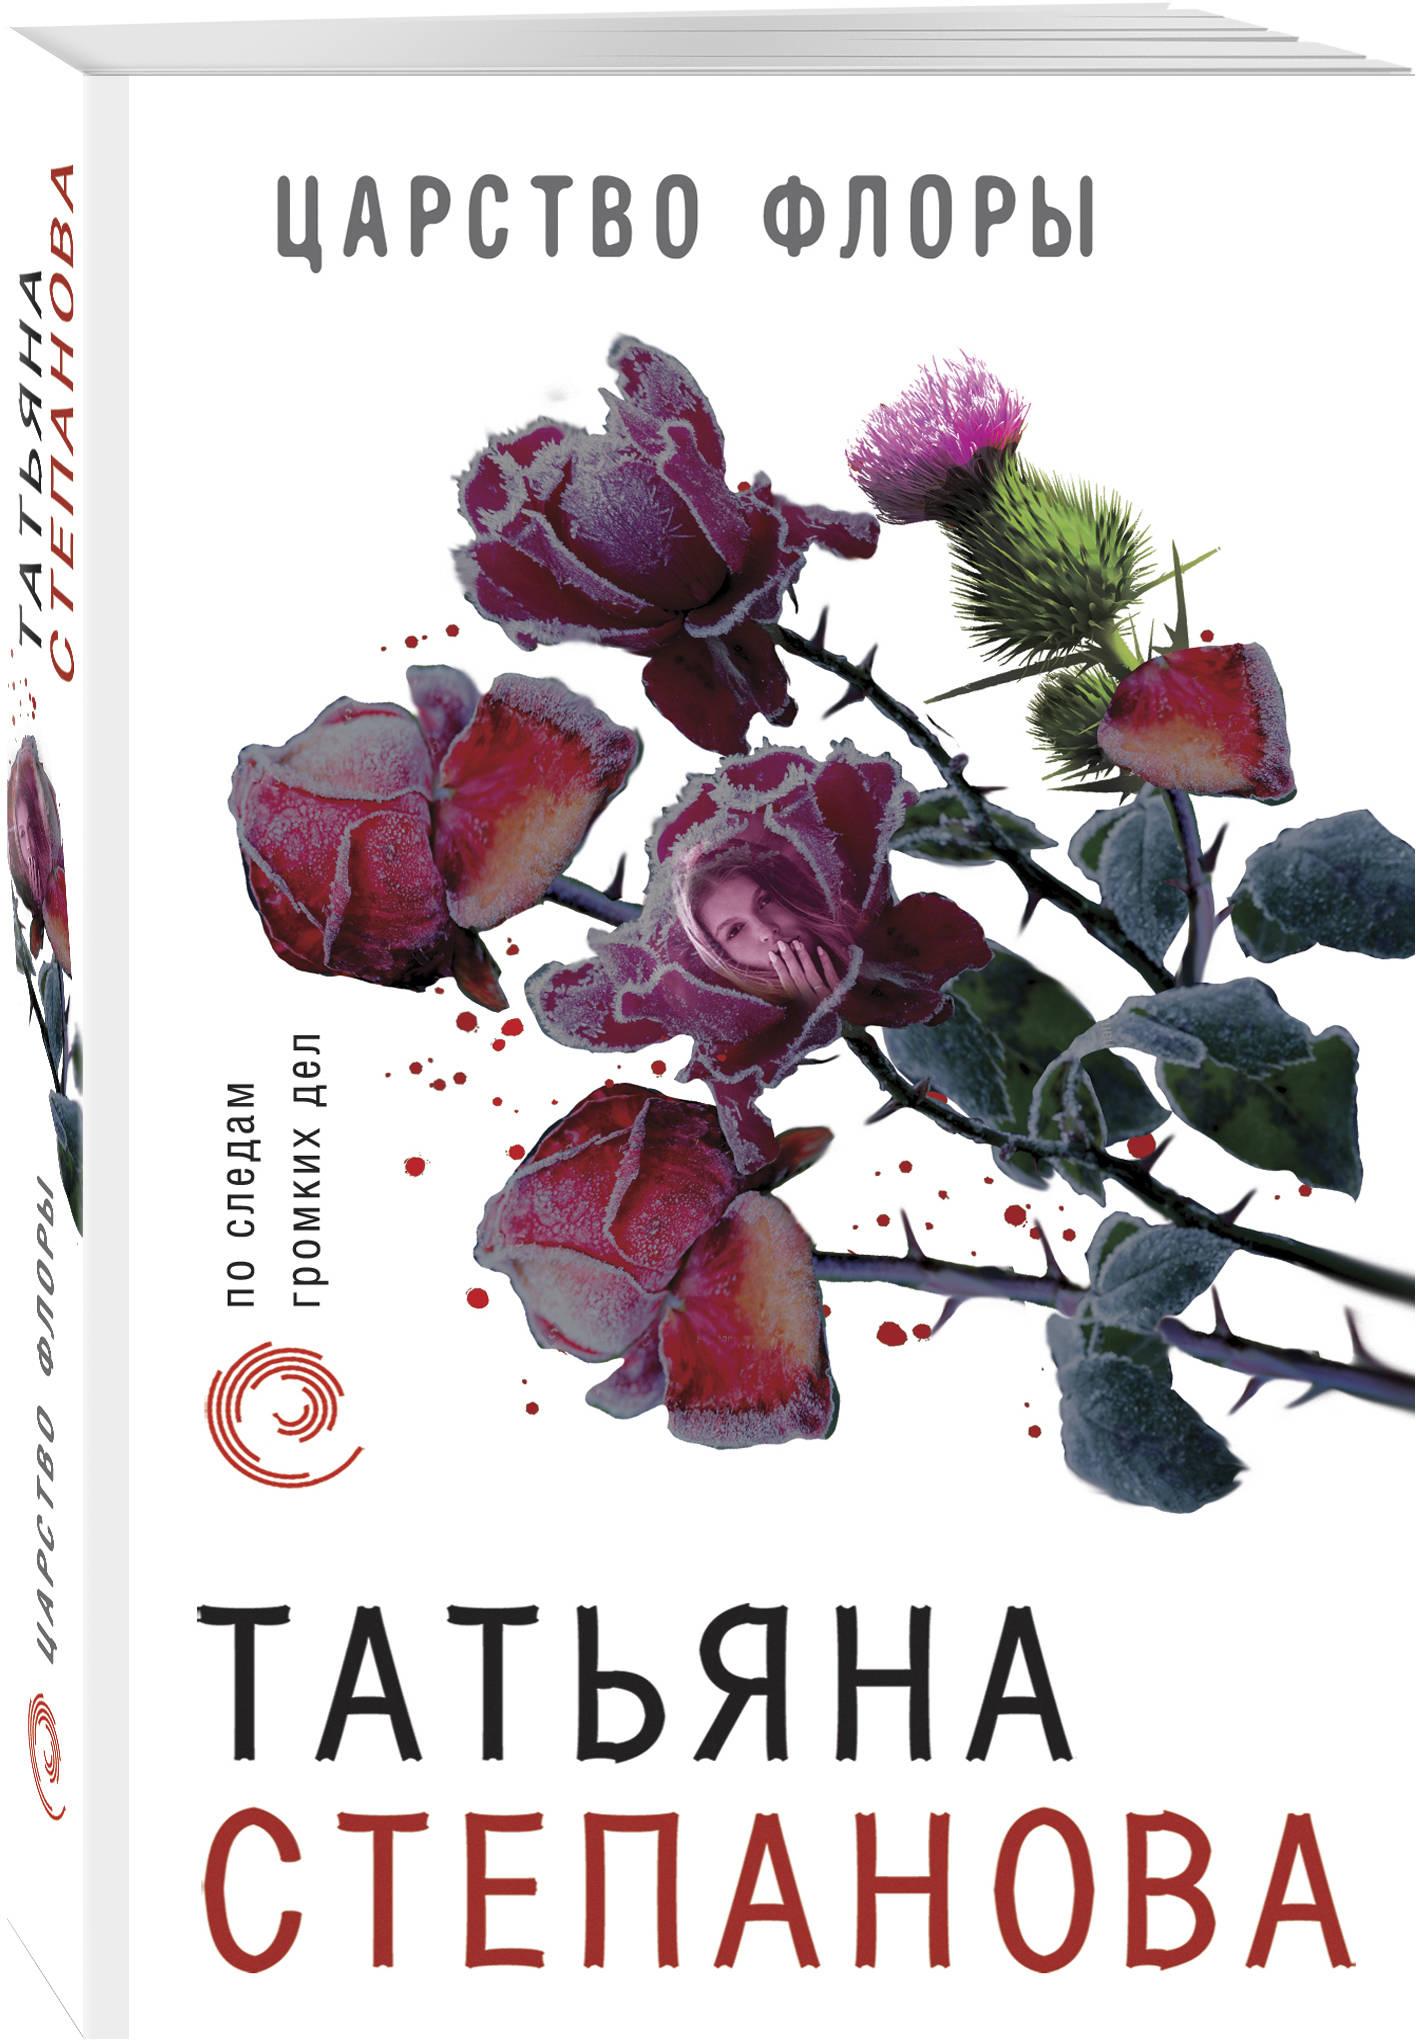 Татьяна Степанова Царство Флоры царство флоры цветы и деревья в легендах и мифах